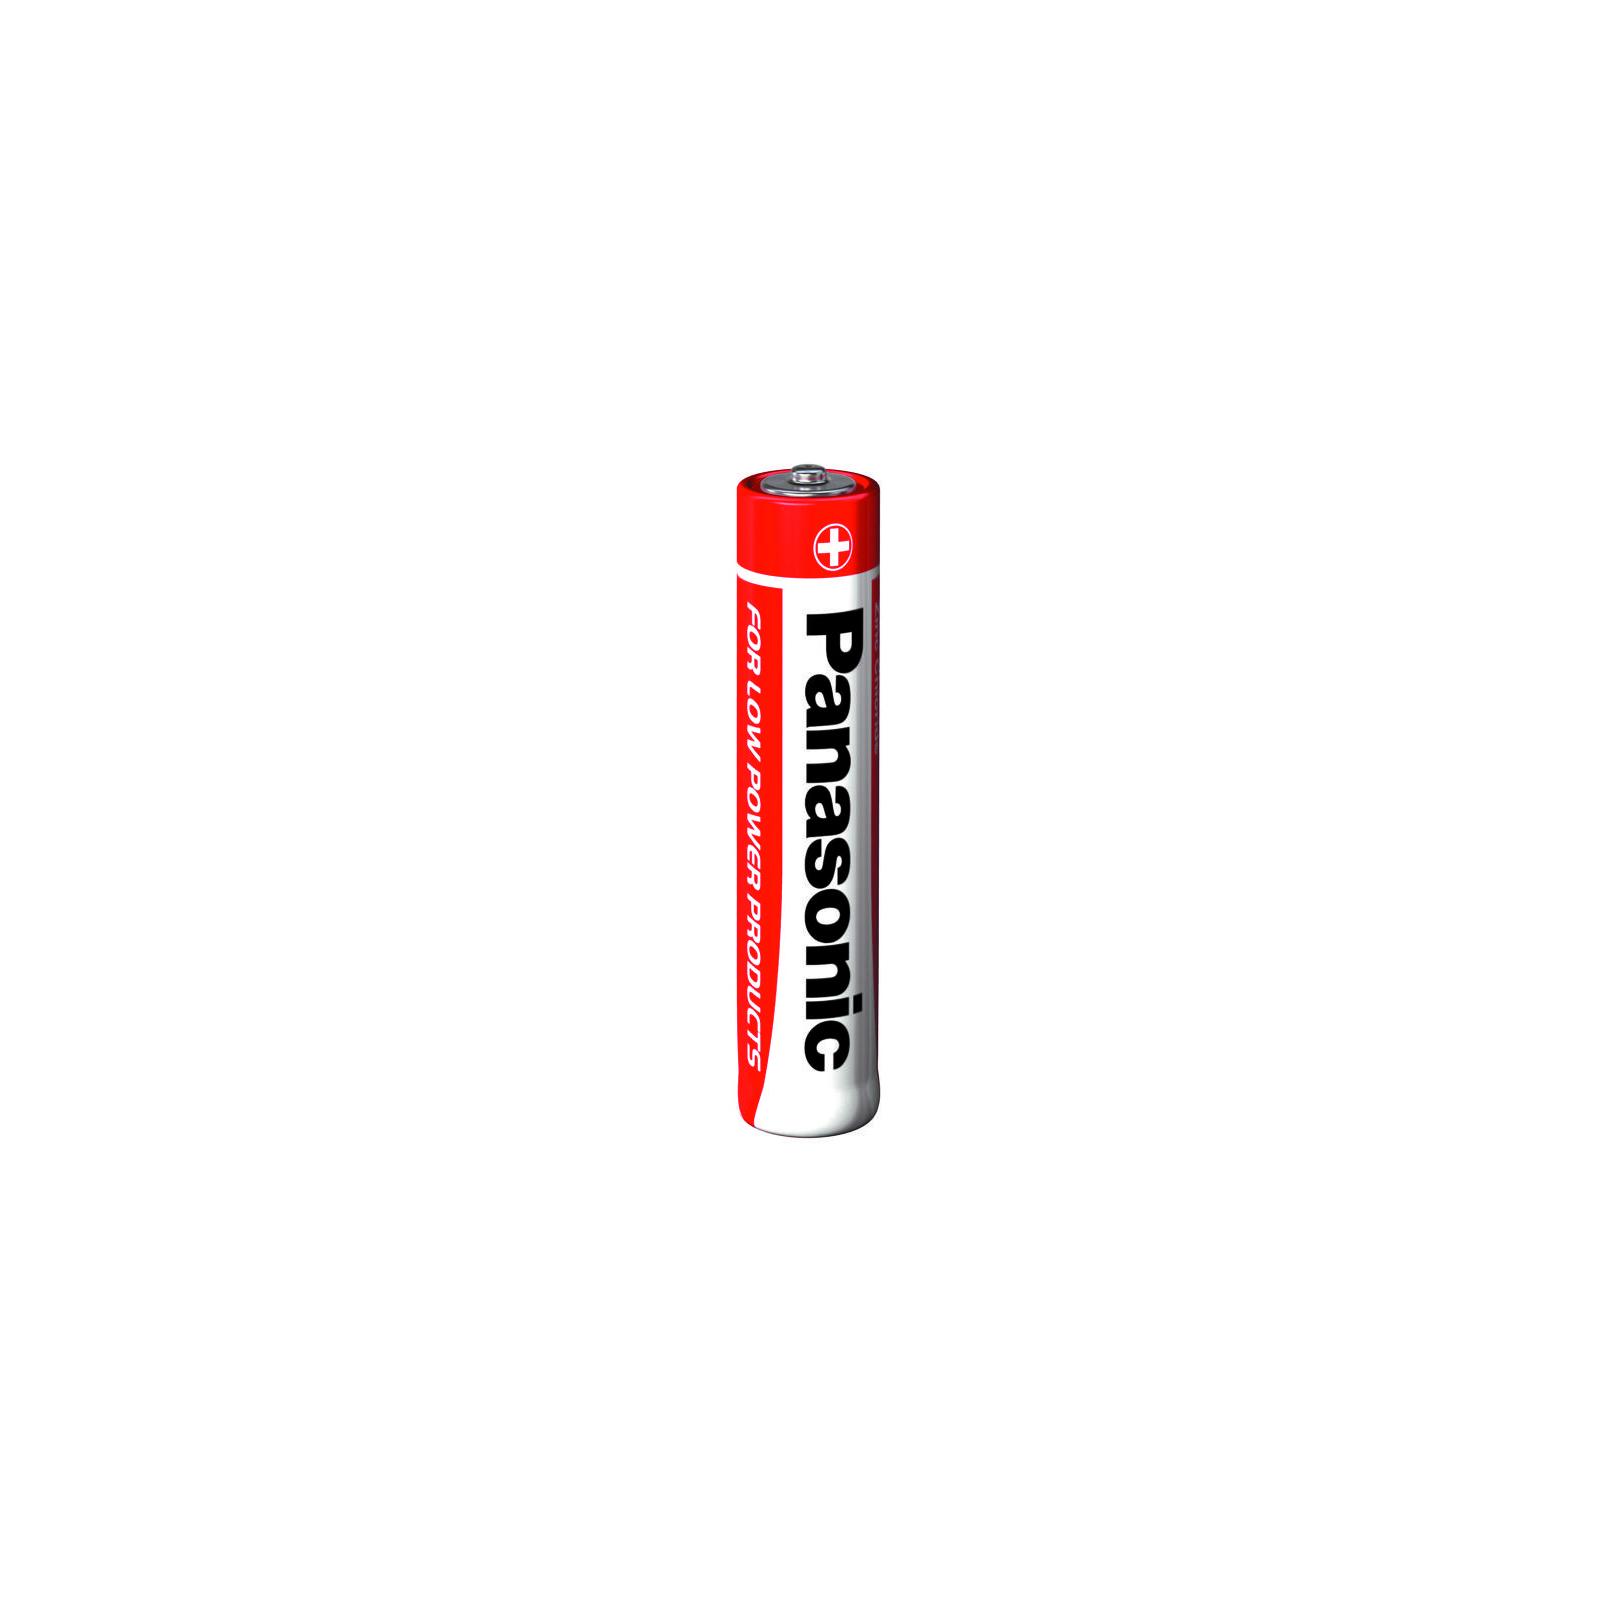 Батарейка PANASONIC AAA R03 RED ZINK * 4 (R03REL/4BP) изображение 2